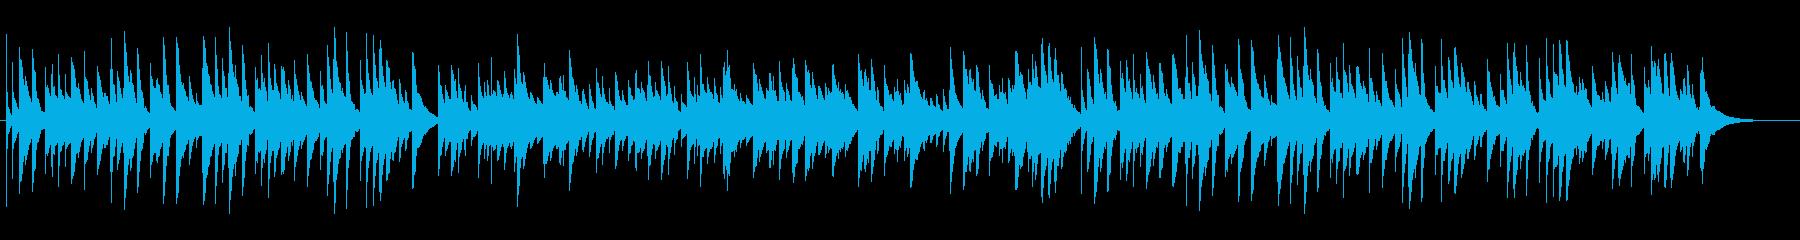 和風テイストのオルゴール曲/回想・涙の再生済みの波形